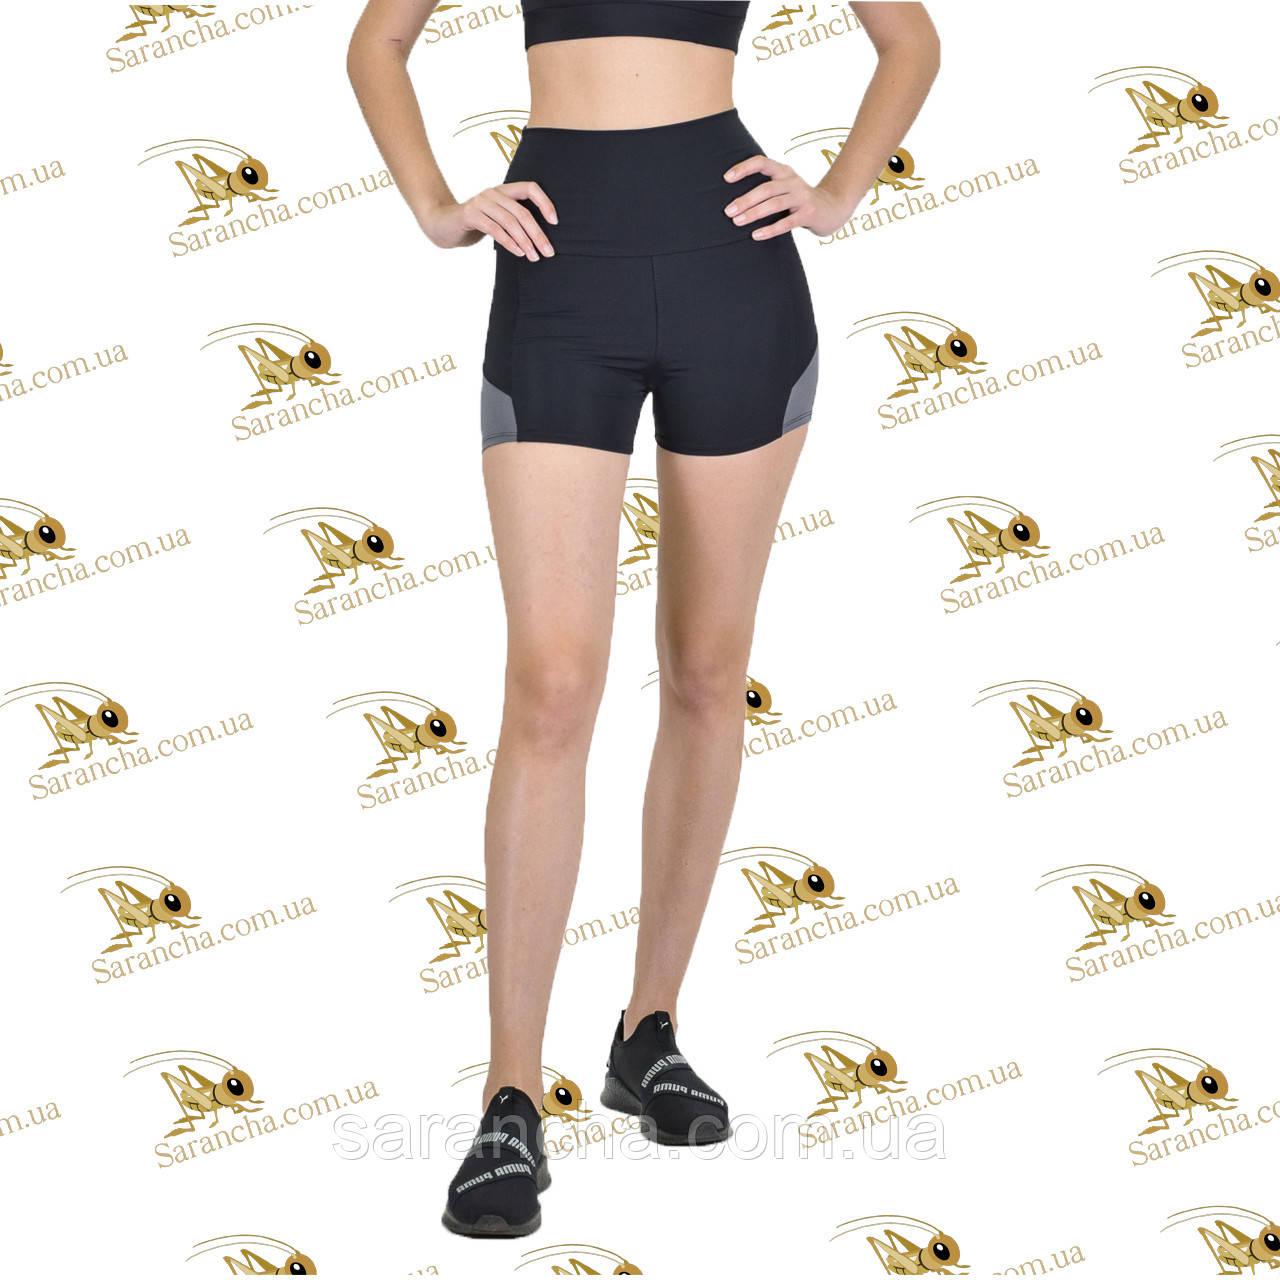 Жіночі спортивні стяжка-шорти із завищеною талією з сірими вставками